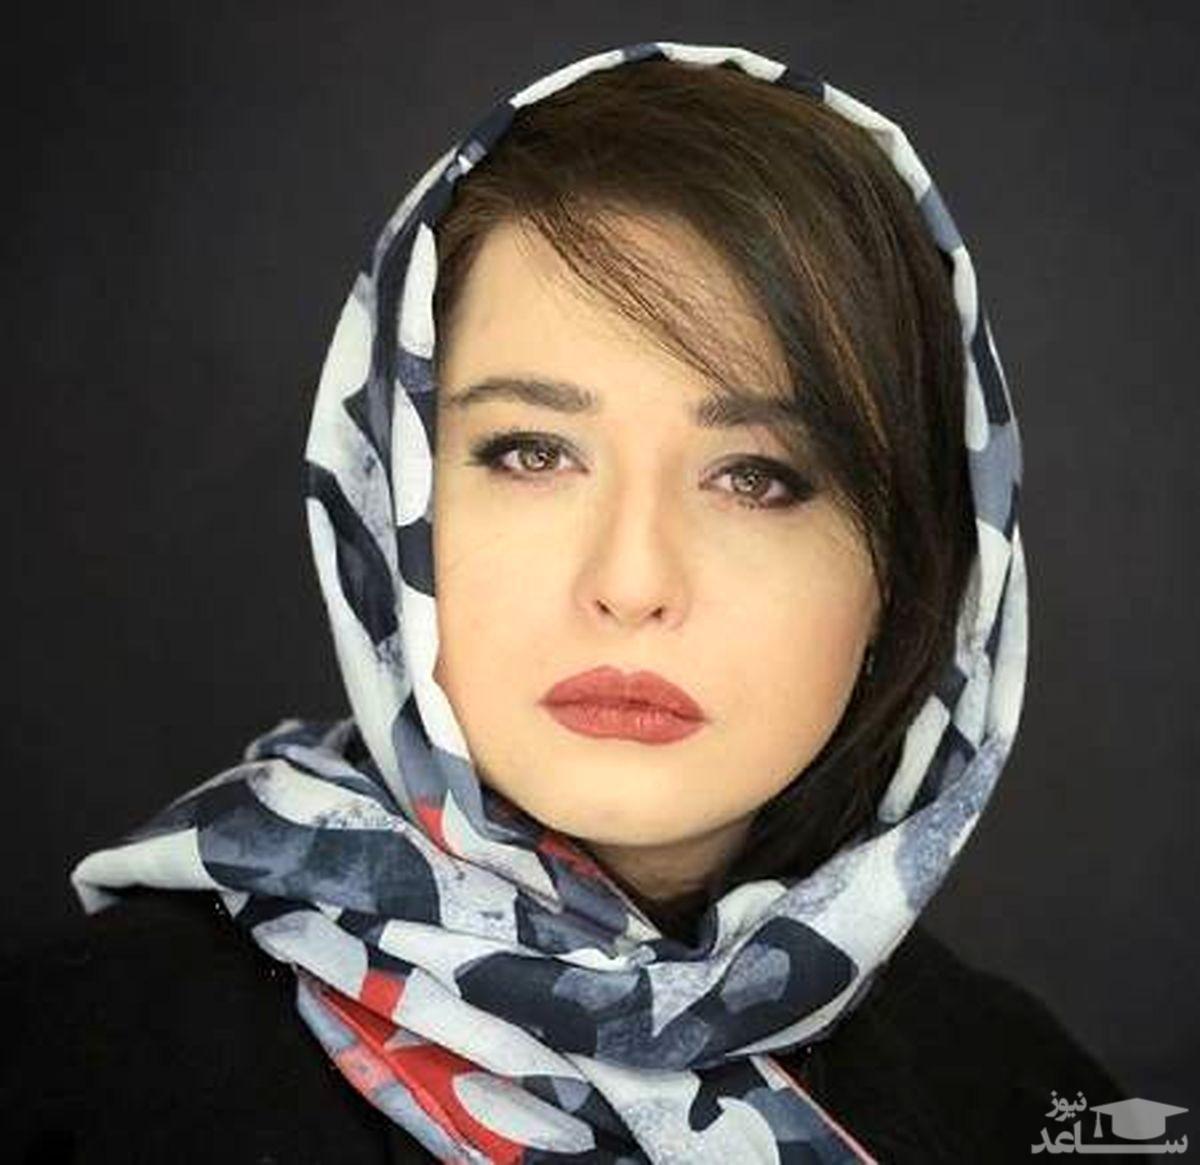 ماسک زدن به سبک مهراوه شریفی نیا